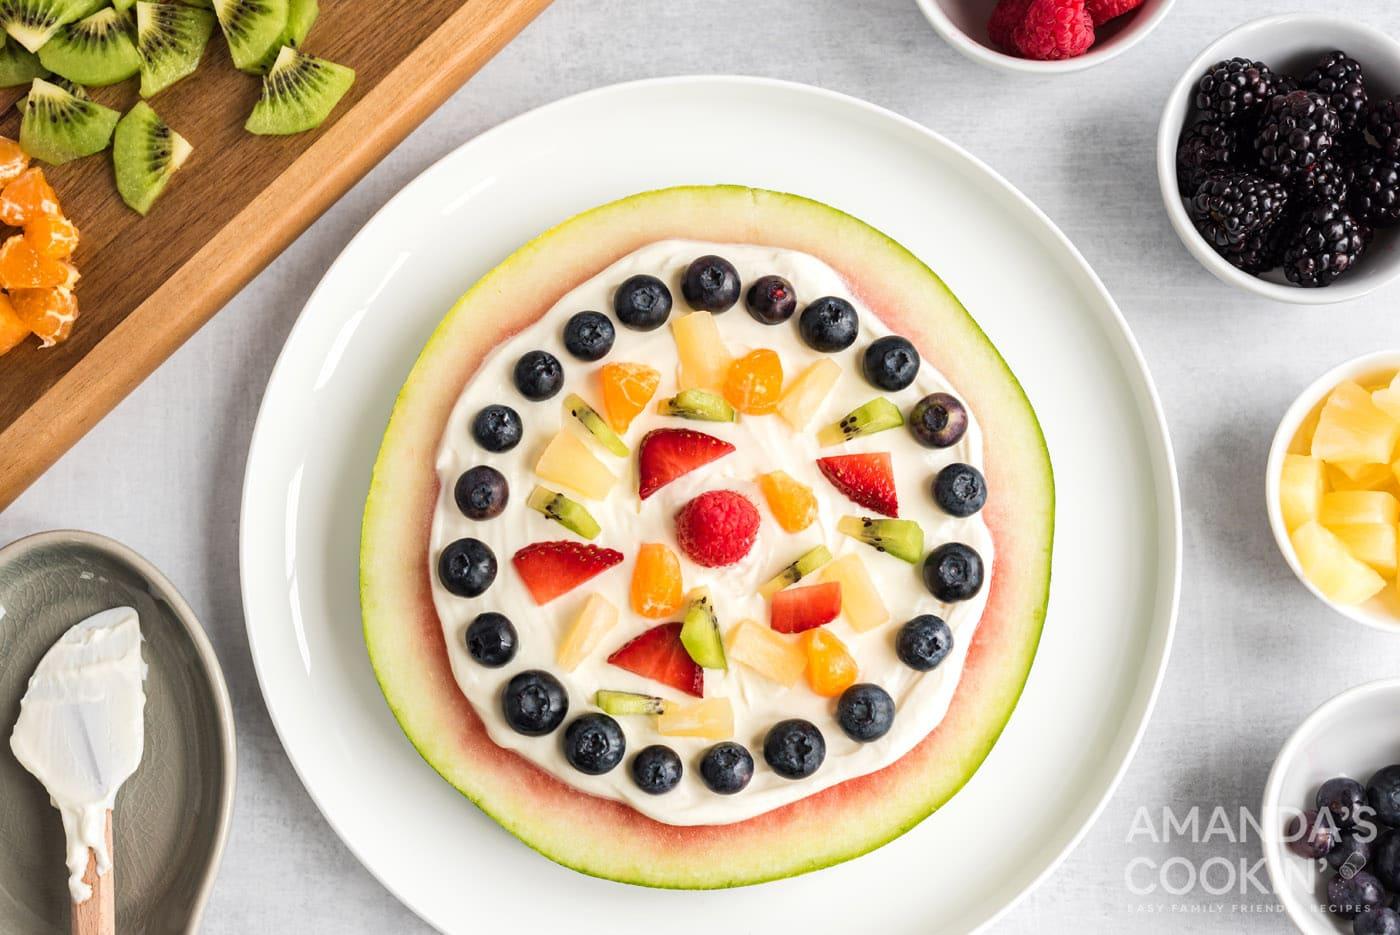 watermelon slice with fruit and cream cheese yogurt layer